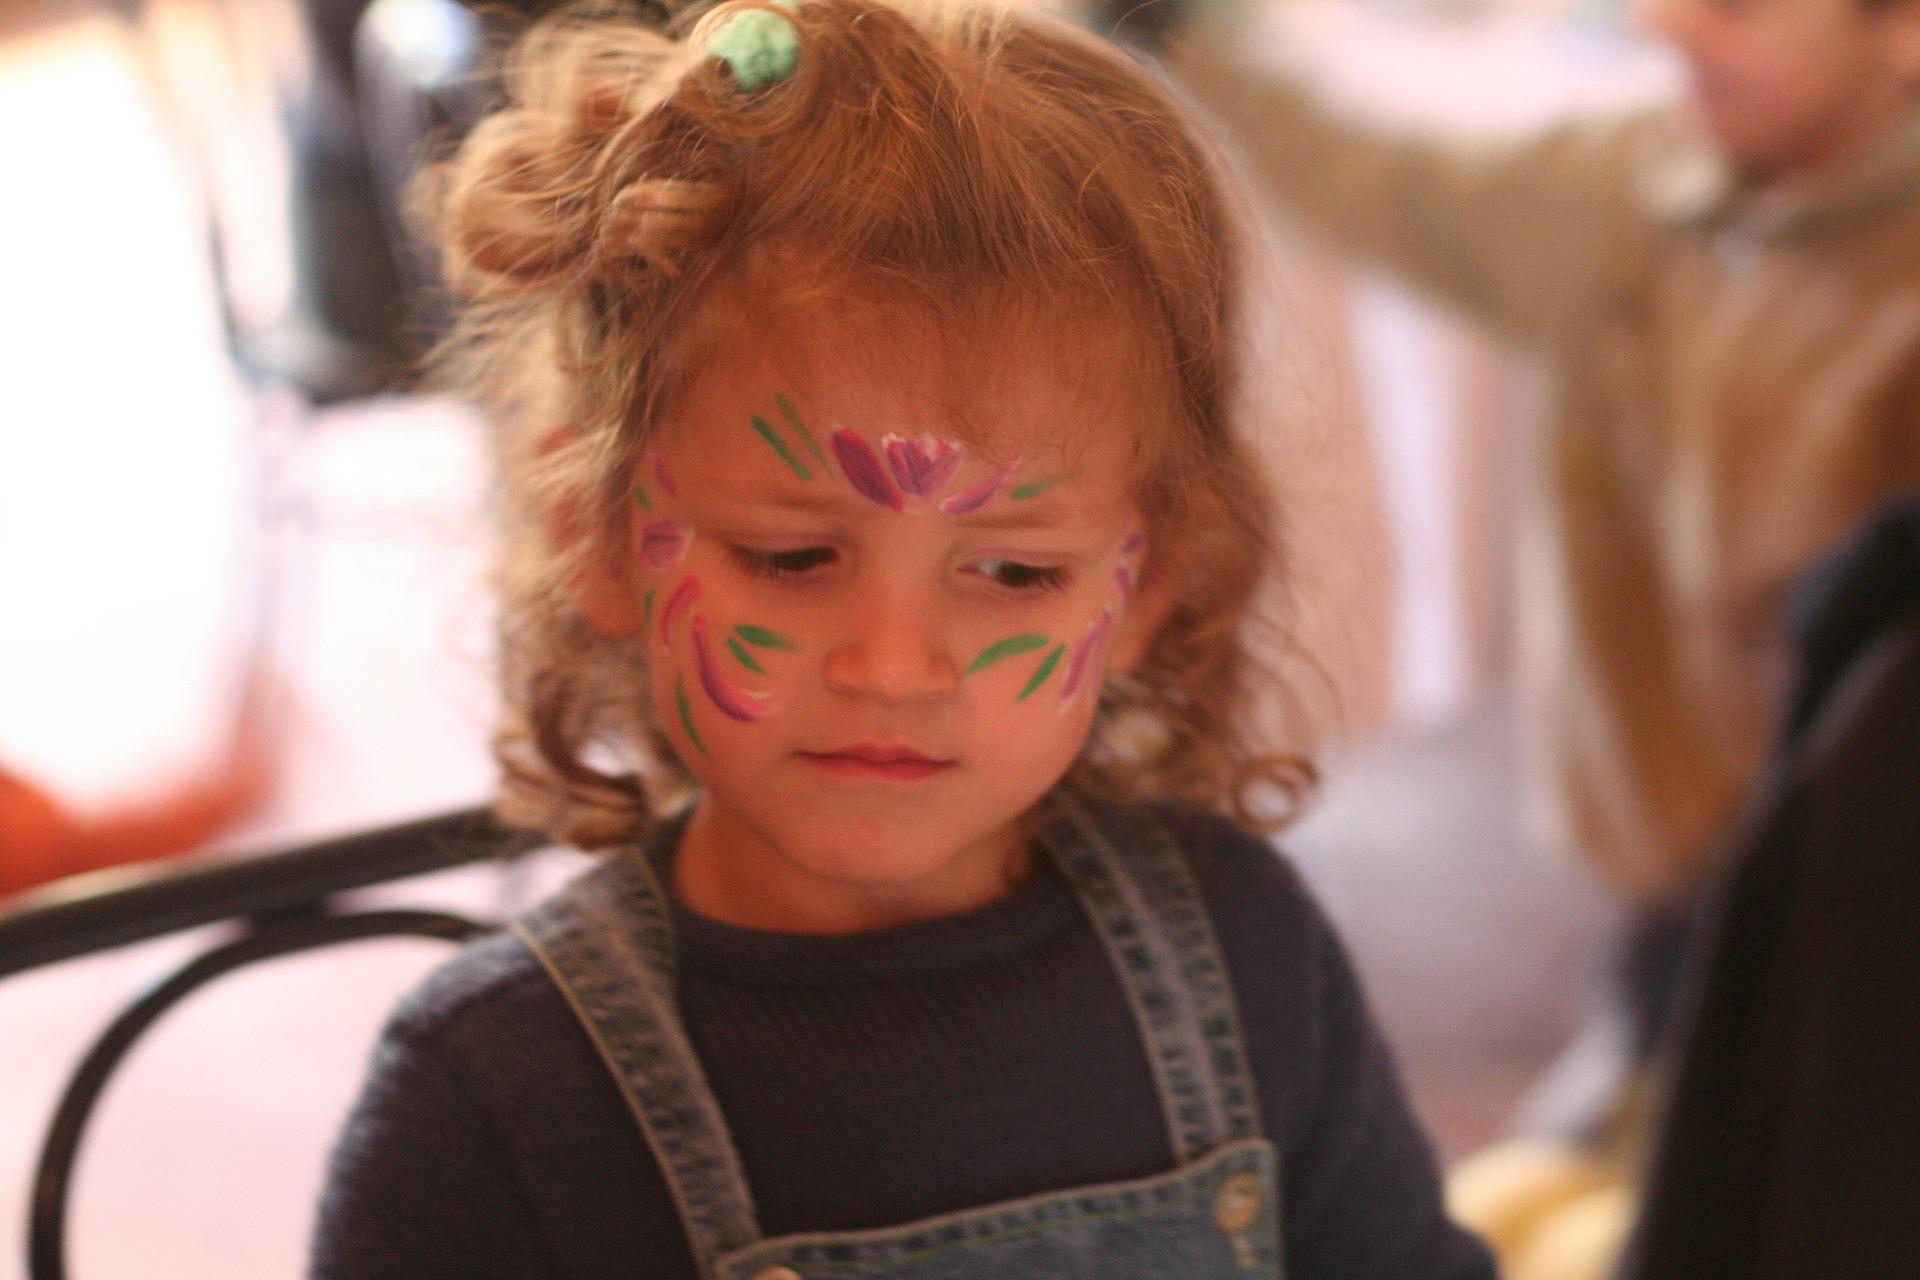 Les Mercredis communautaires Châteauguay auront lieu à l'école Gérin-Lajoie ce mercredi 3 mai.